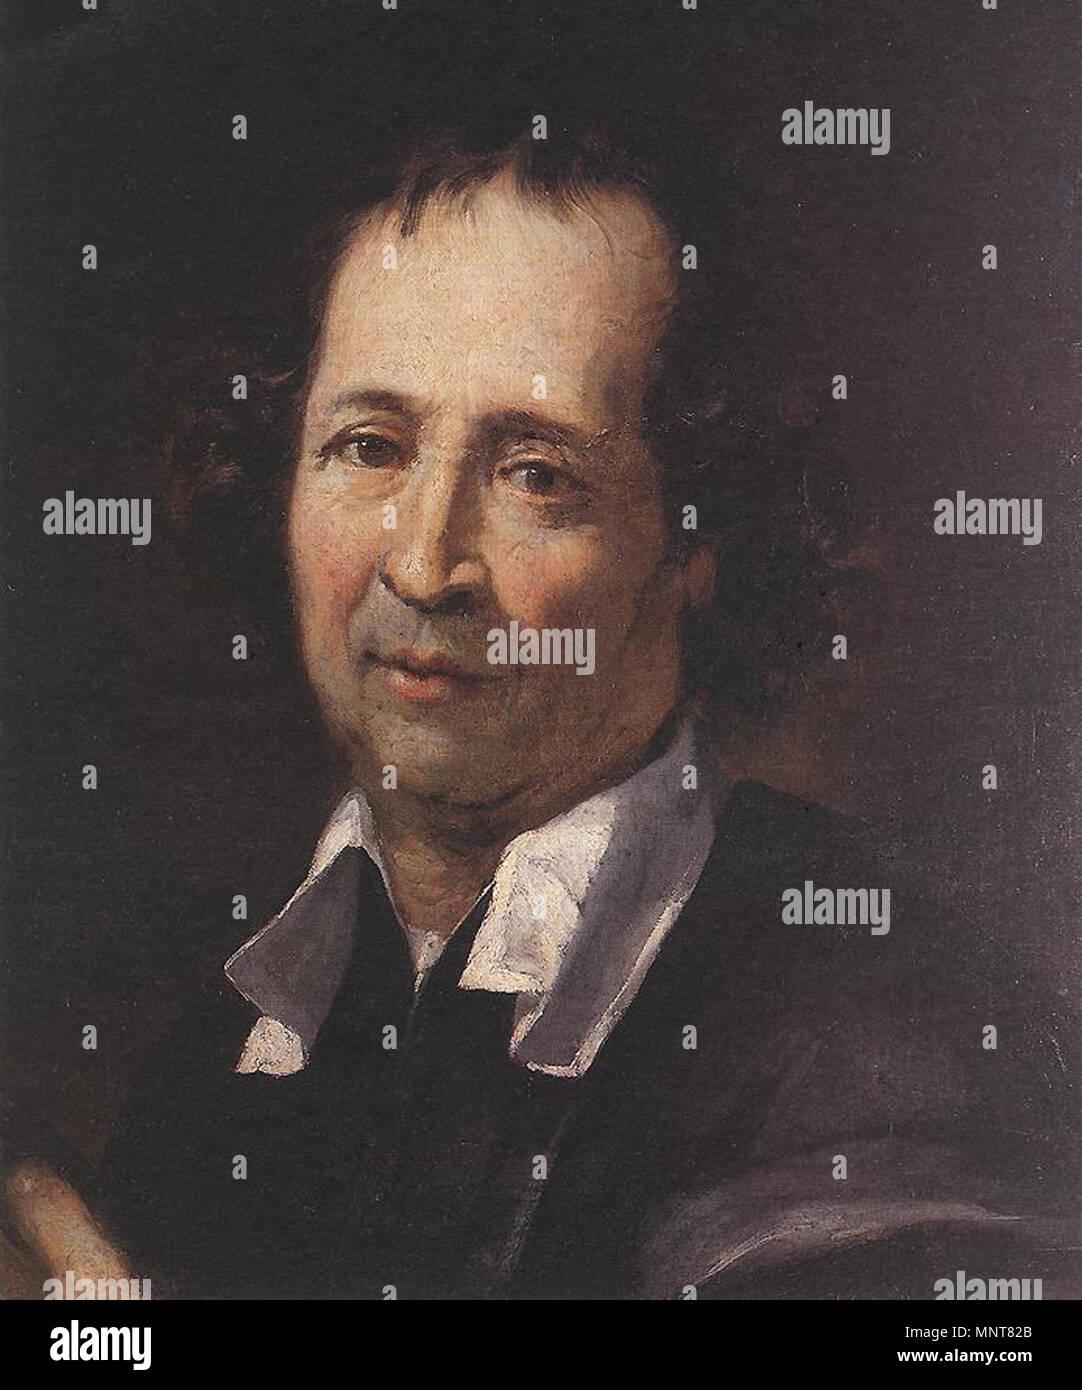 English: self-portrait Français: auto-portrait   between 1668 and 1669.   988 Pierre Puget - Self-portrait - WGA18487 - Stock Image